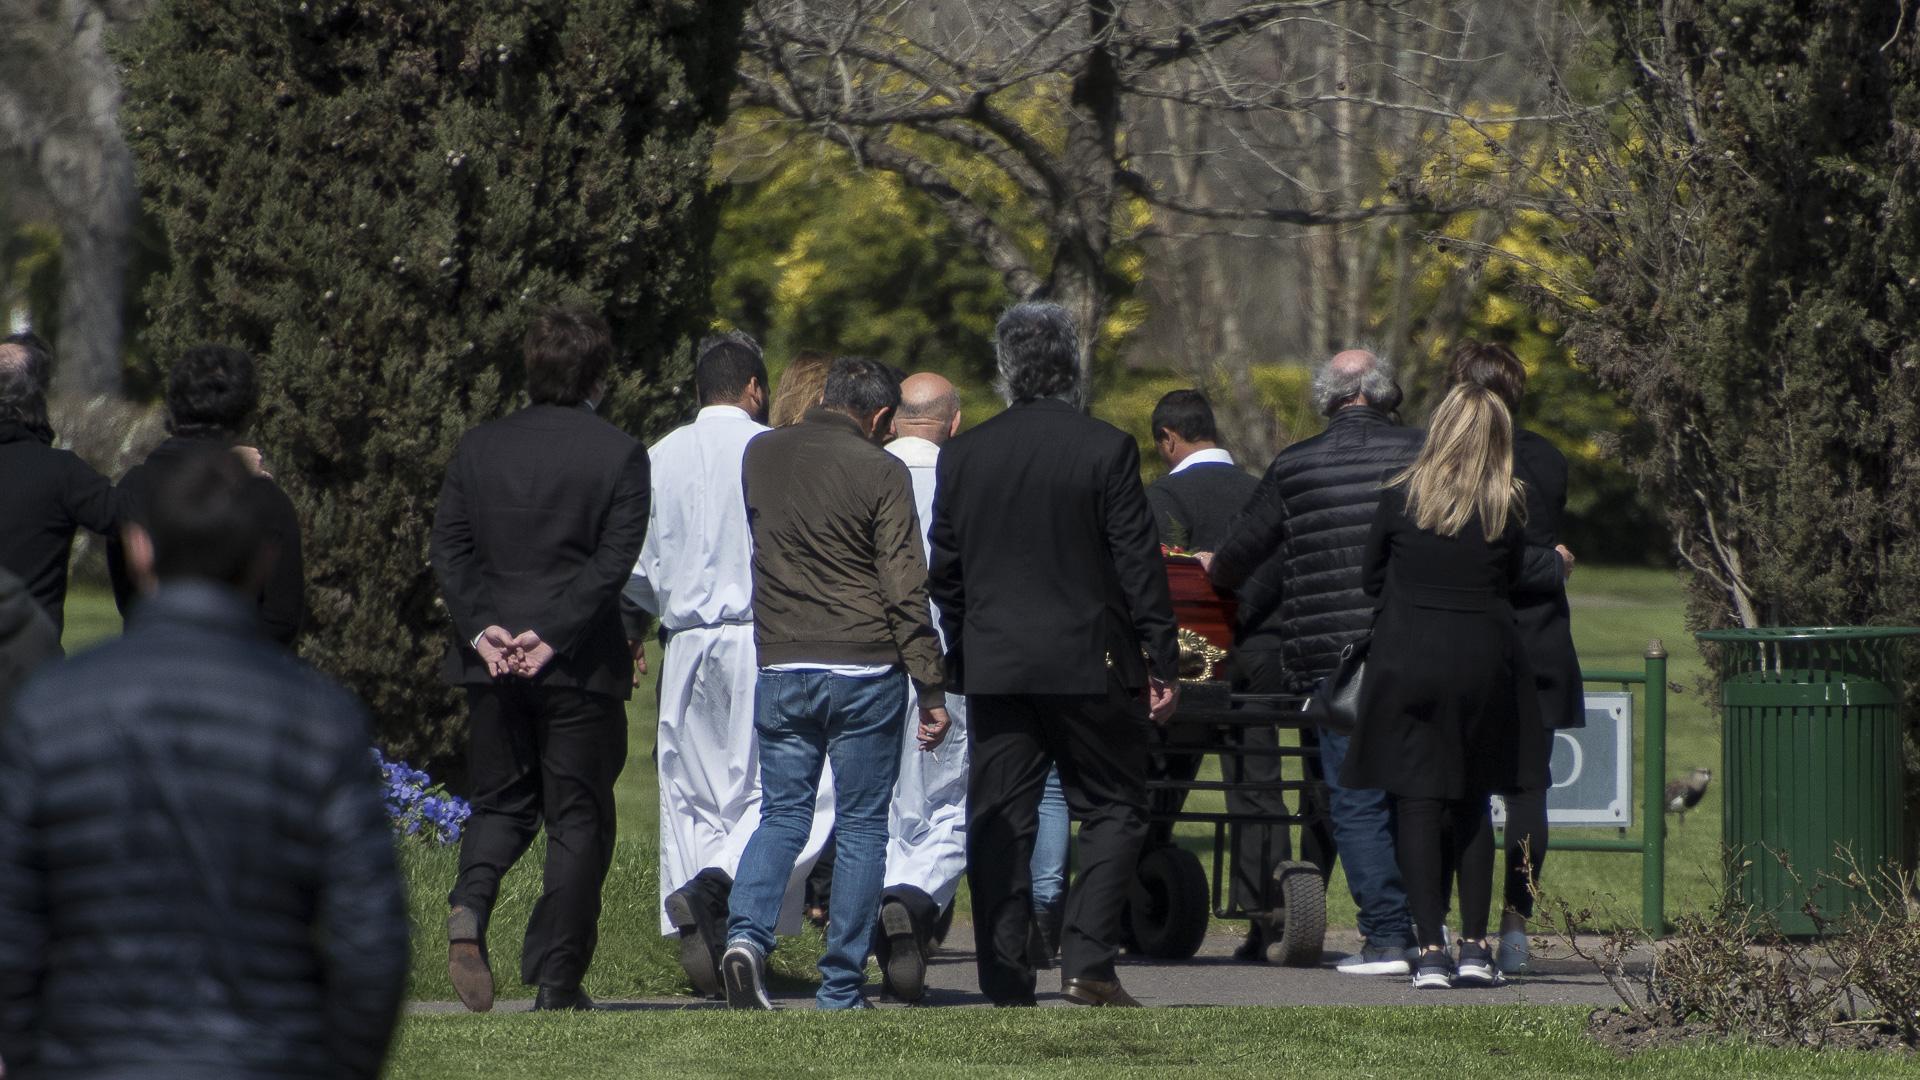 El adiós comenzó con una misa cerca de las 11 de la mañana en la capilla del cementerio Memorial de Pilar